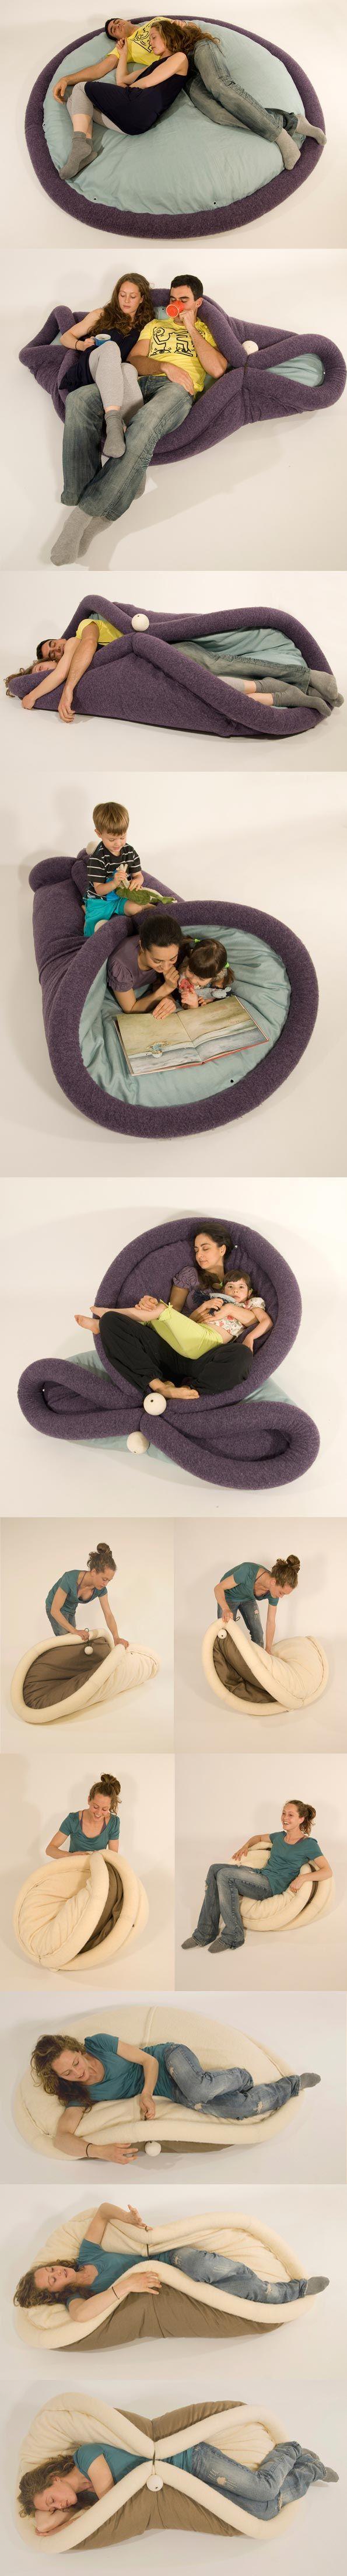 blandito it s a bed it s a chair no it s blandito a